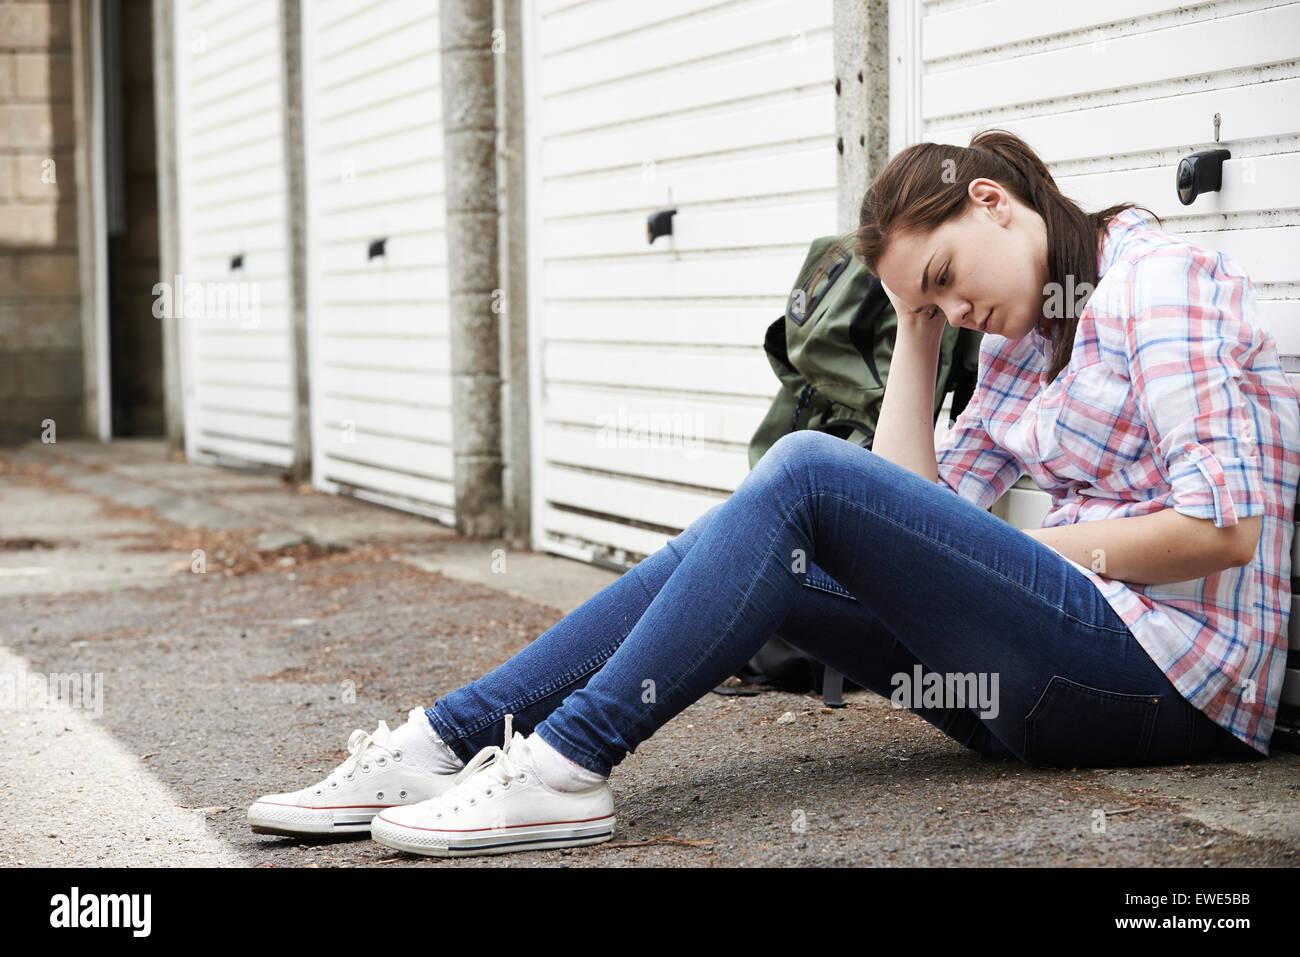 Adolescente sans-abri dans les rues avec sac à dos Photo Stock